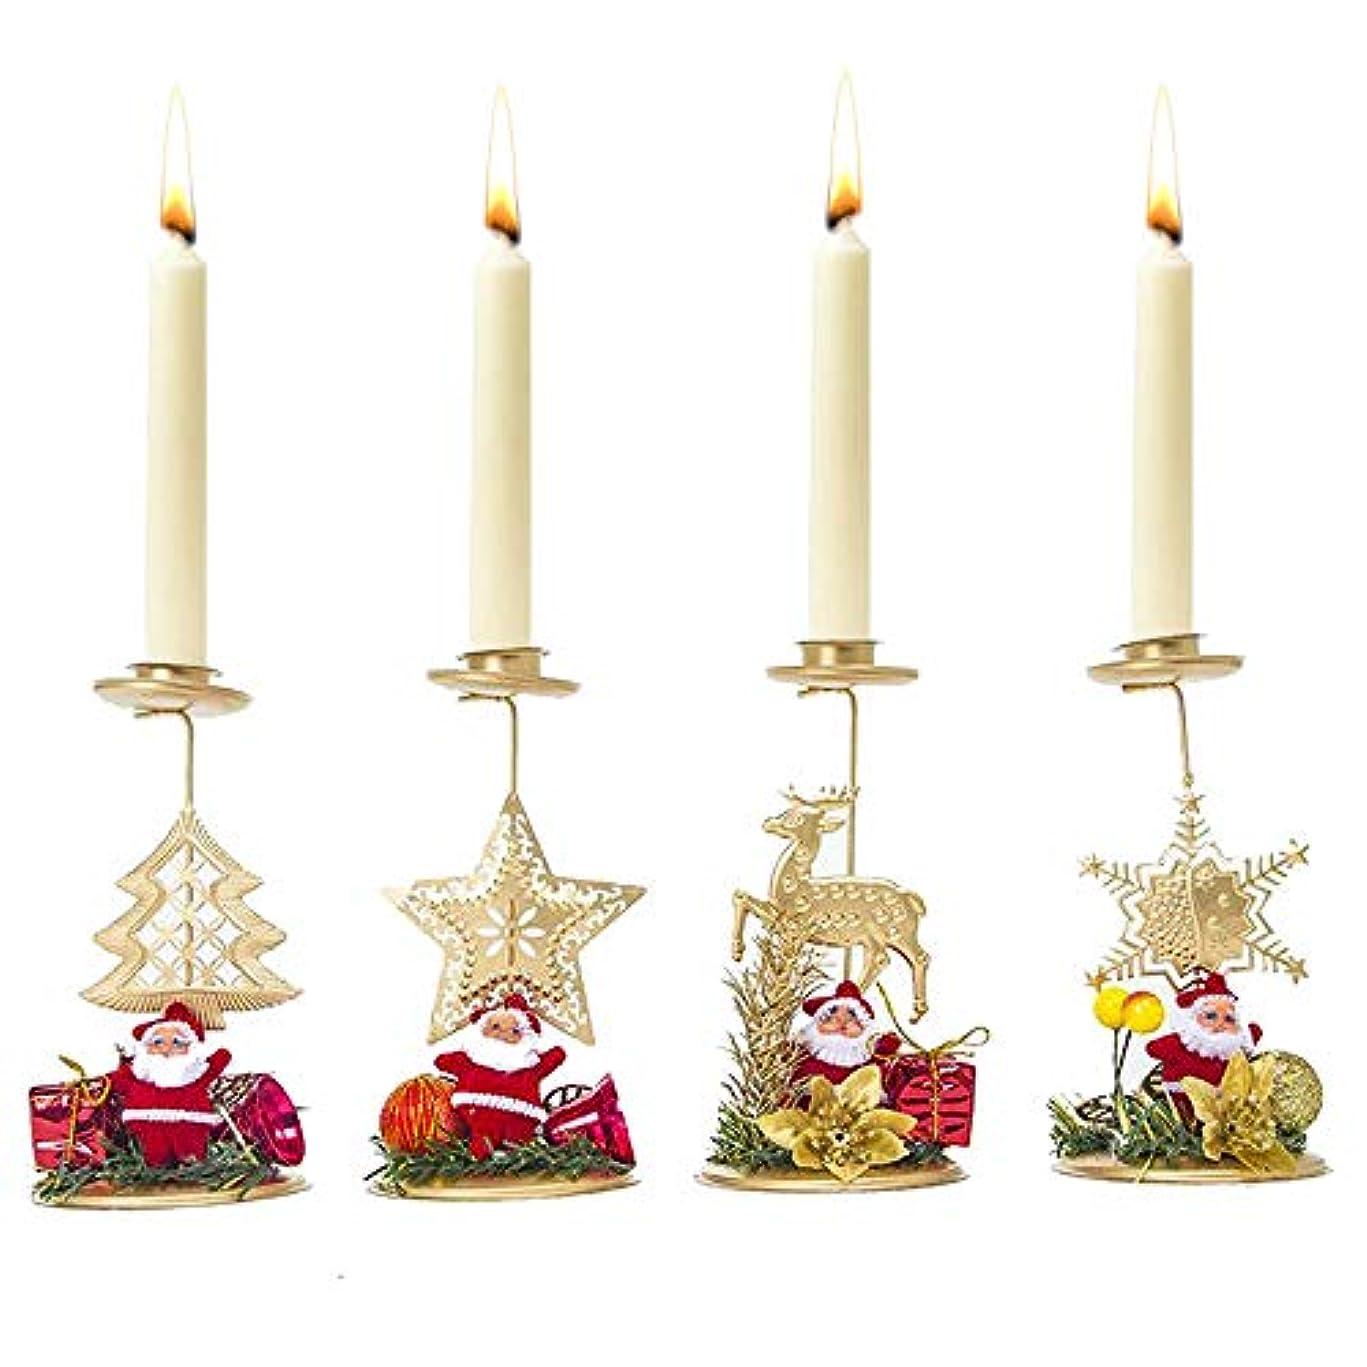 マニアック小麦粉移住するNishore4 個クリスマス鉄の燭台 クリスマスの装飾 絶妙なデスクトップ装飾